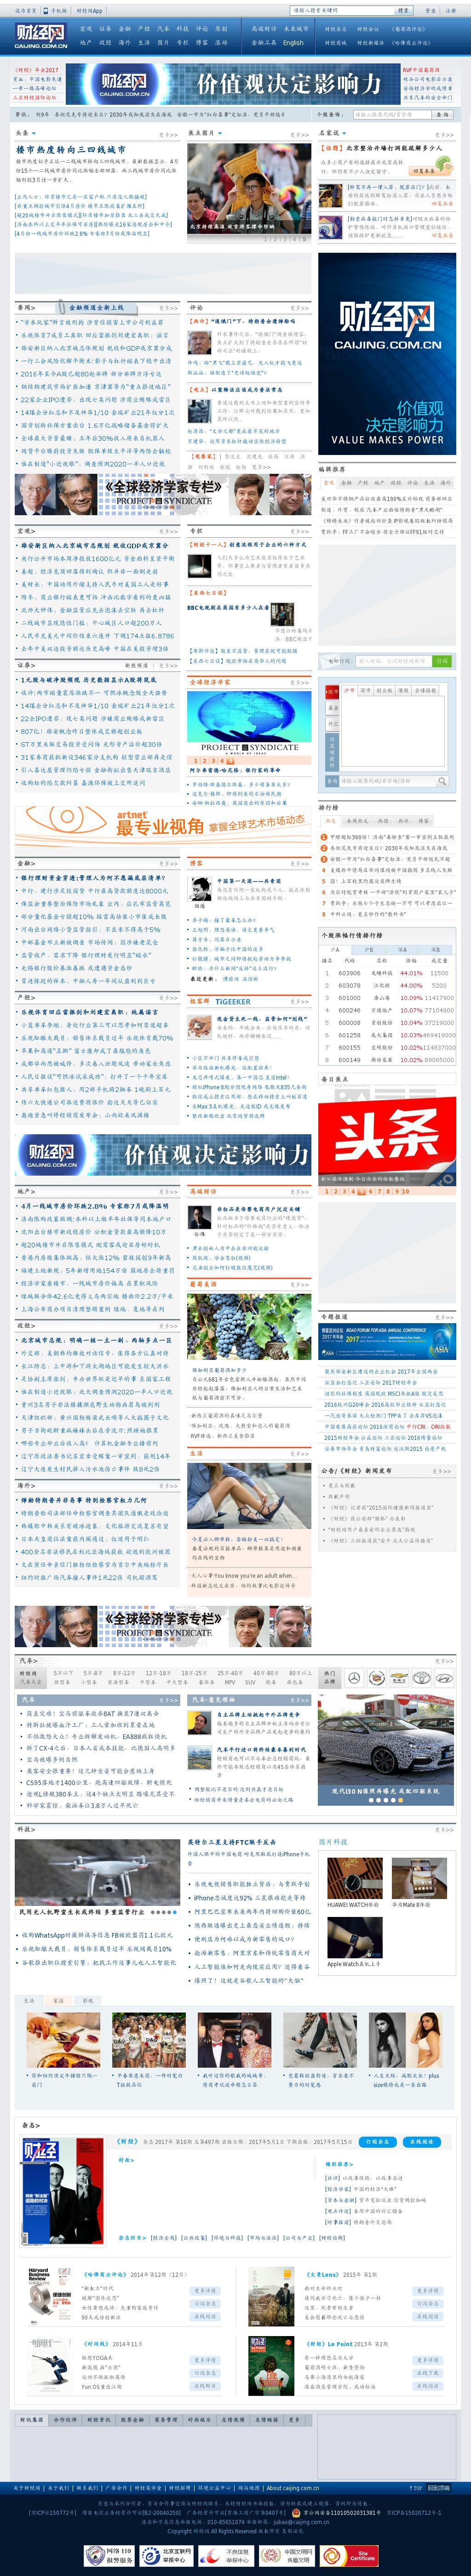 Caijing at Sunday May 21, 2017, 6:02 p.m. UTC